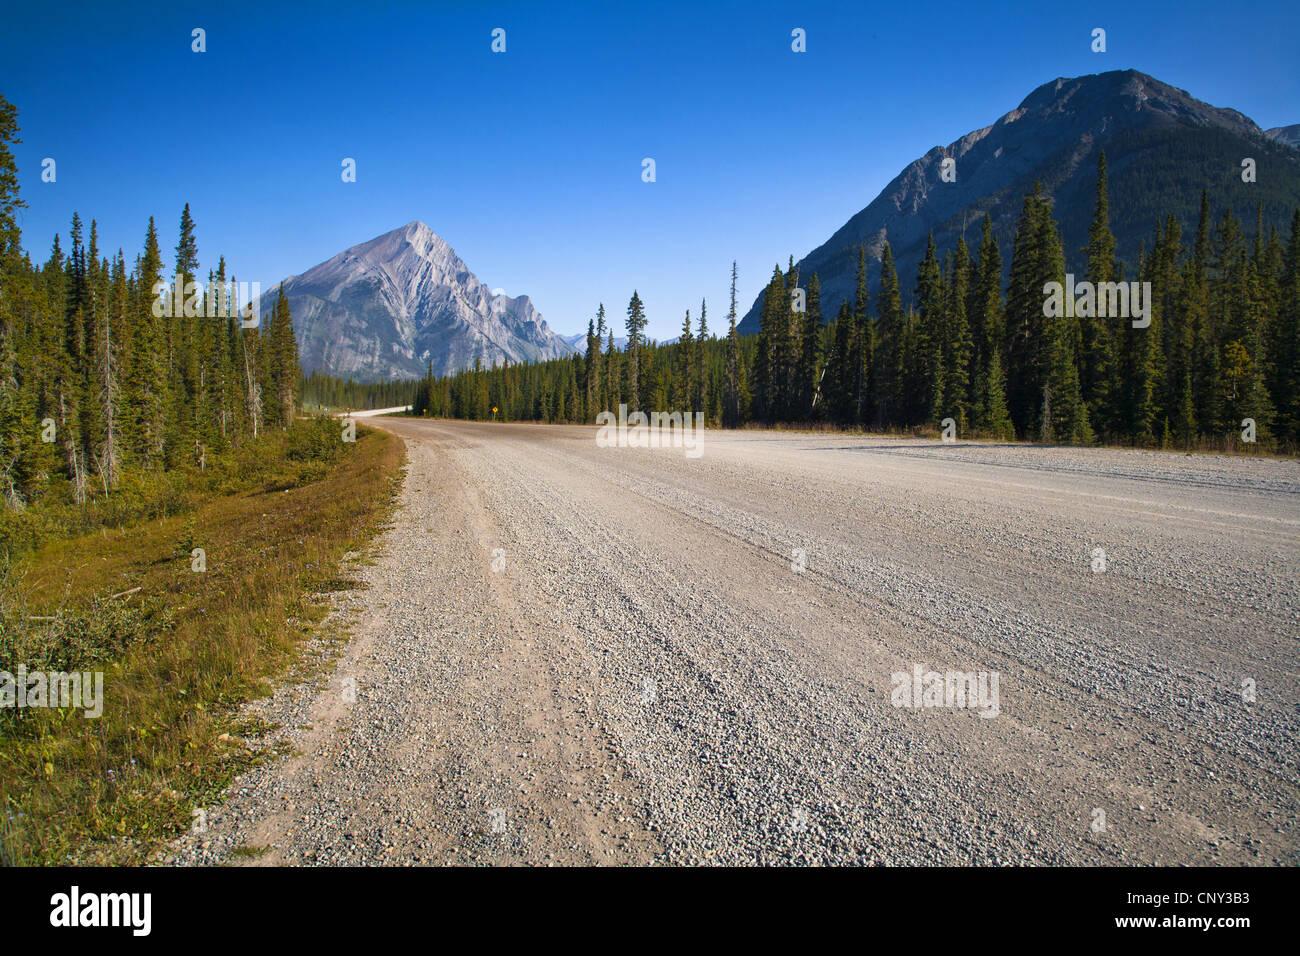 unpaved street in Kananaskis Country, Canada, Alberta, Kananaskis Country - Stock Image